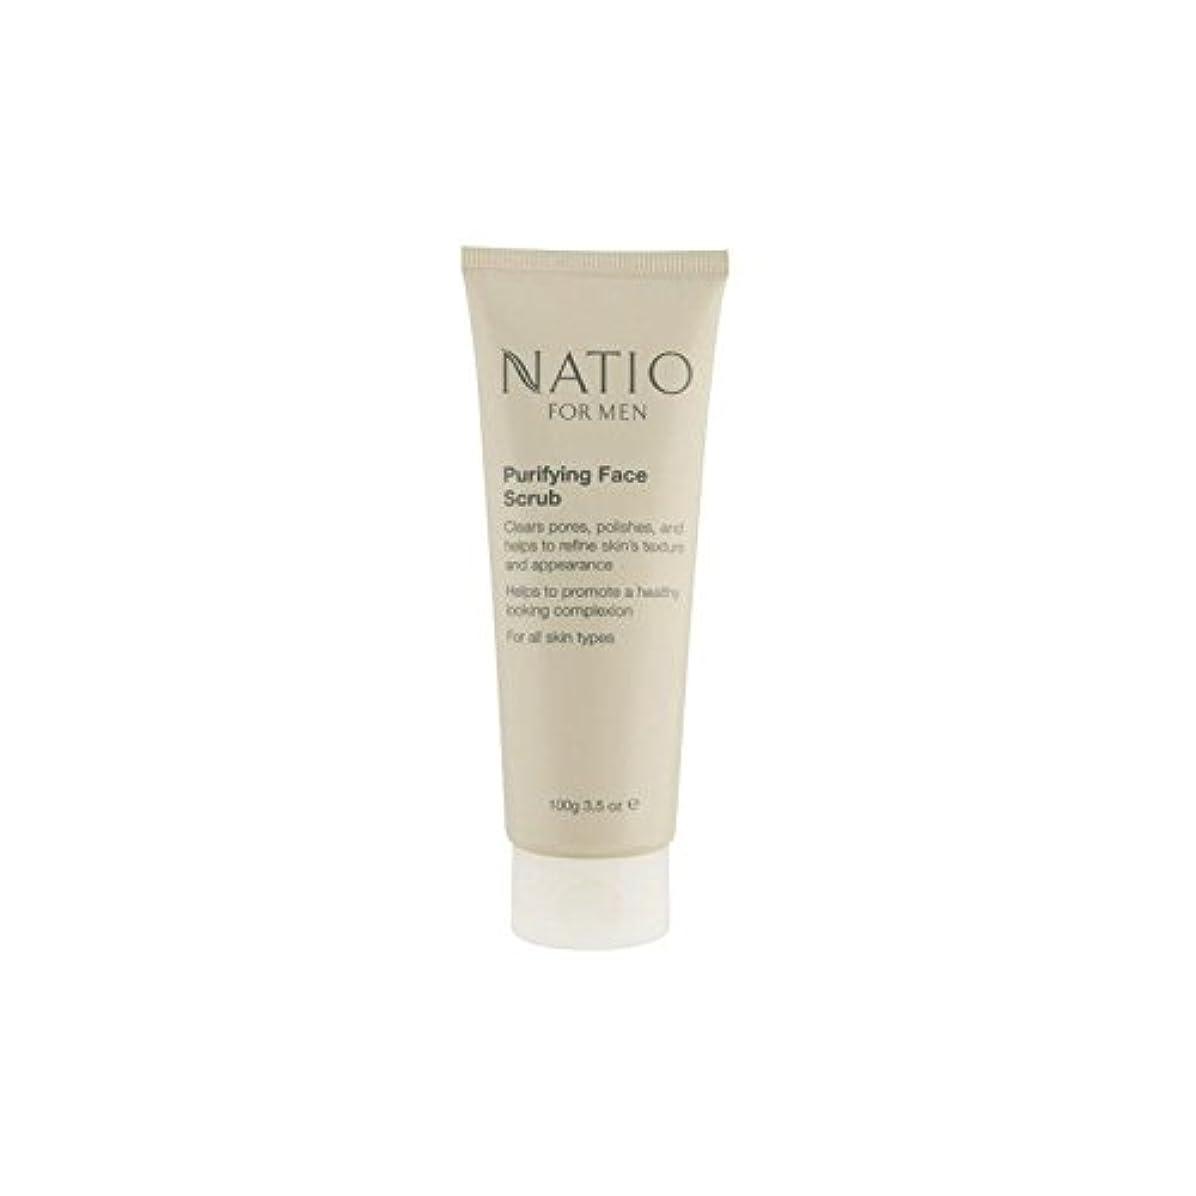 松の木疫病概要Natio For Men Purifying Face Scrub (100G) (Pack of 6) - フェイススクラブを精製する男性のための(100グラム) x6 [並行輸入品]